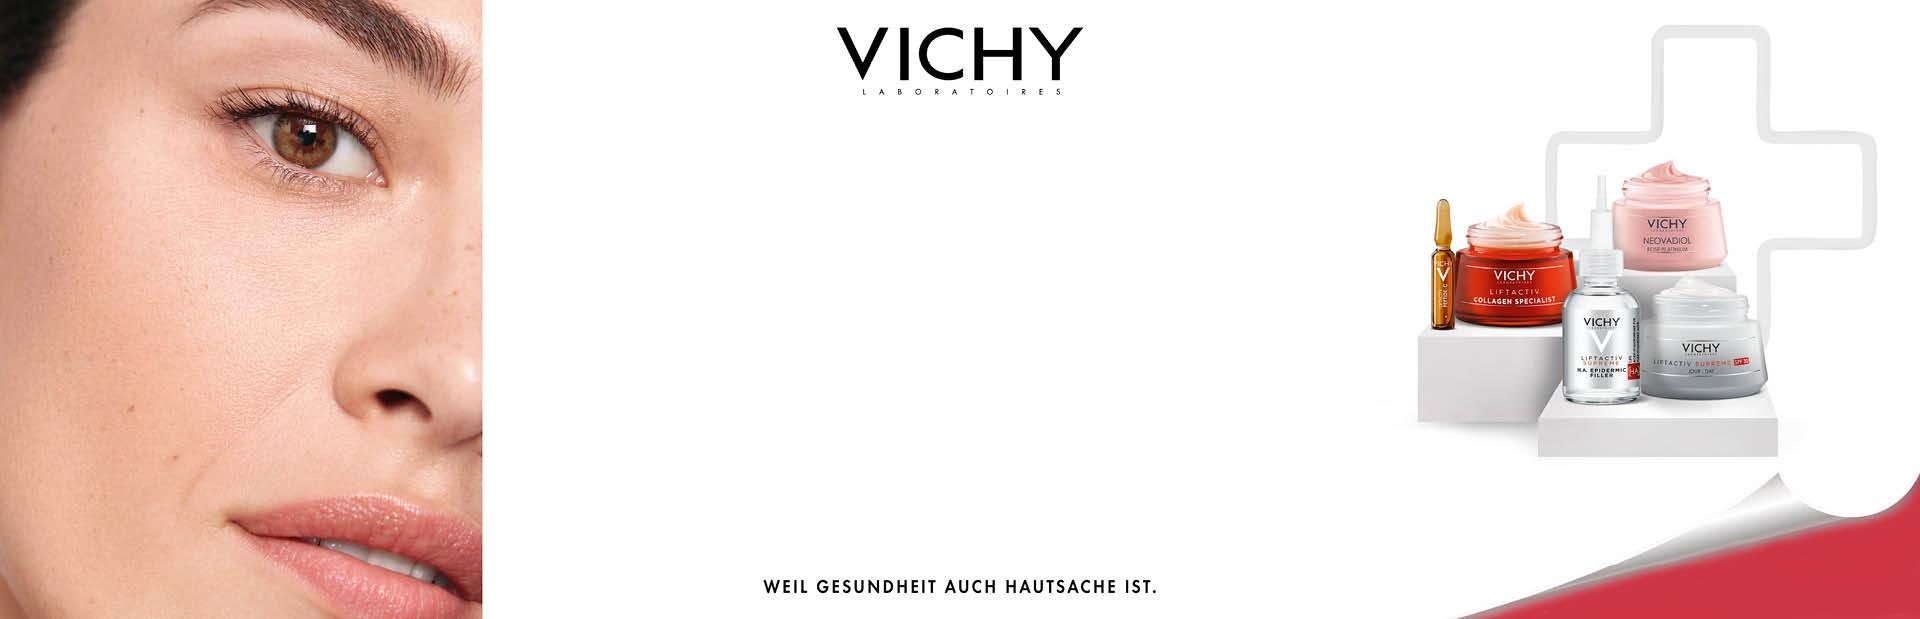 Vichy günstig kaufen